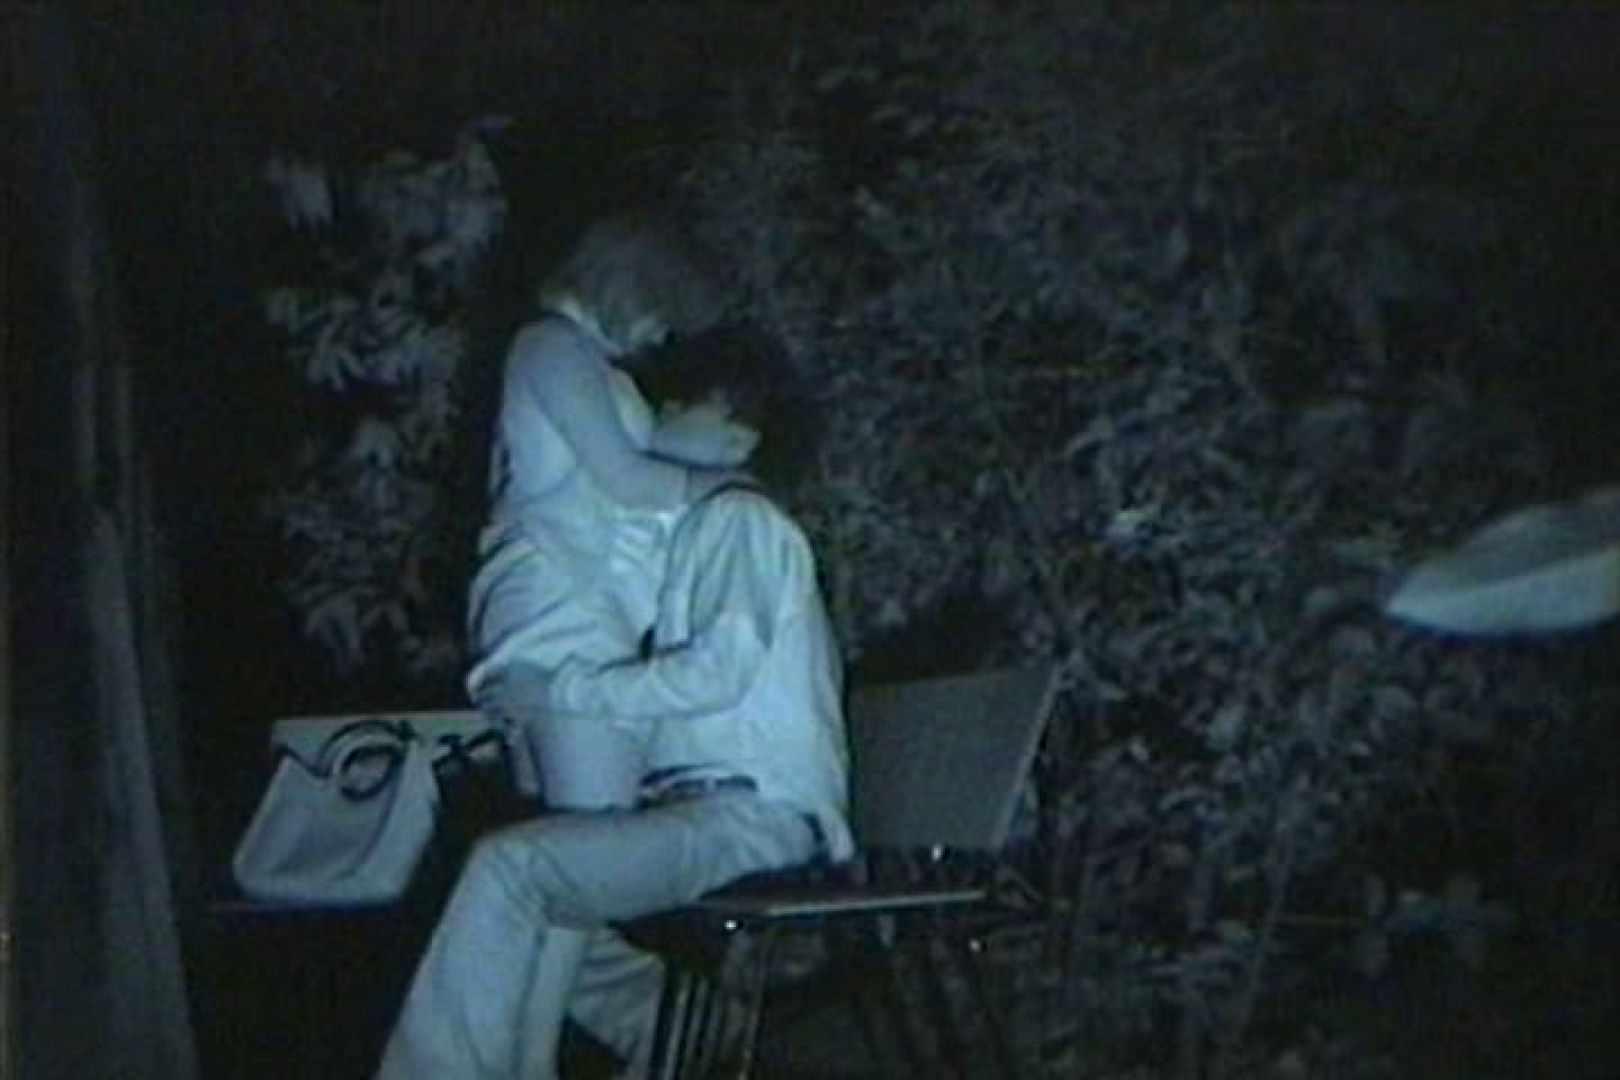 闇の仕掛け人 無修正版 Vol.24 カップル オメコ動画キャプチャ 101pic 97